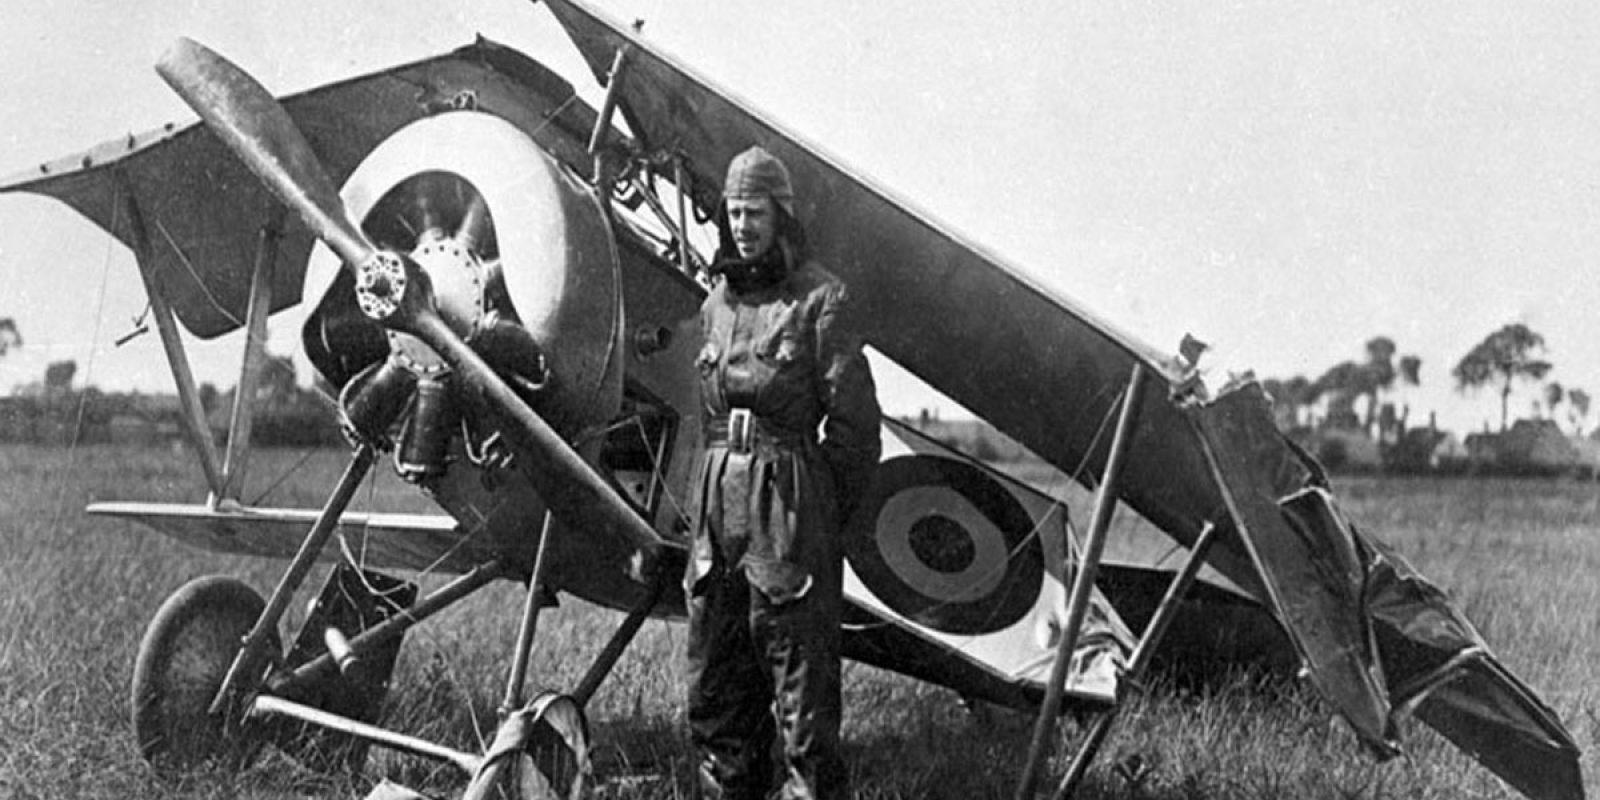 L'intrépide Edmond Thieffry rejoignit rapidement la confrérie des « casseurs de bois », mais s'est toujours sorti indemne de ces désagréables péripéties. Il est représenté ici à côté de son Nieuport XVII alors que son avion qui s'est mis sur le dos a été remis sur ses pattes après un atterrissage forcé dû à une panne de moteur survenue le 3 juin 1917 à Caeskerke. (AELR)